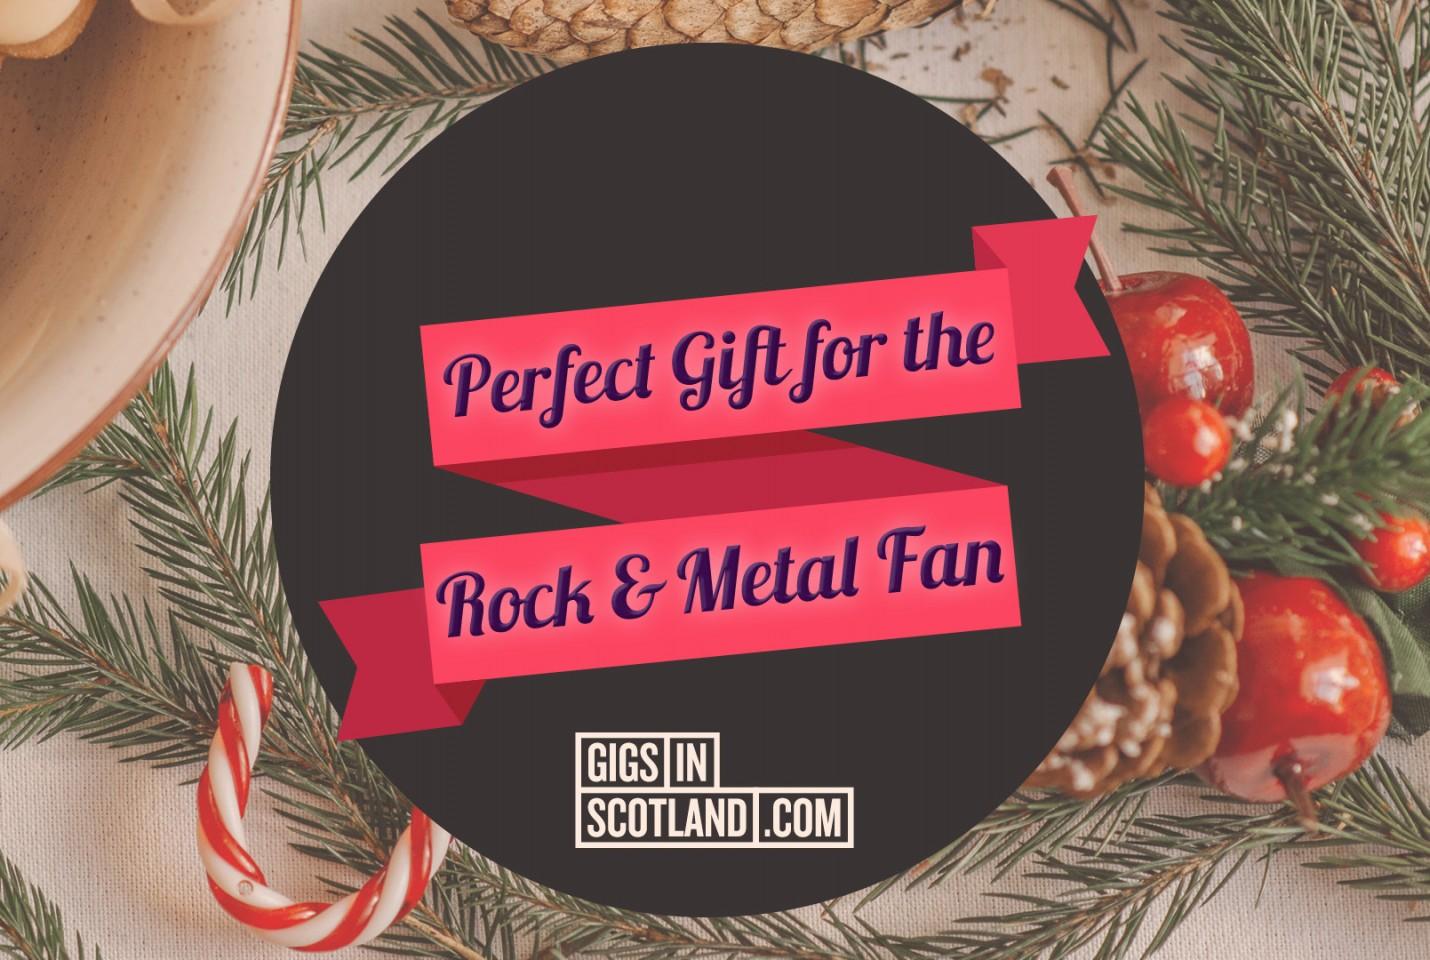 Rock & Heavy Metal Fan - Christmas Gift Guide 2020